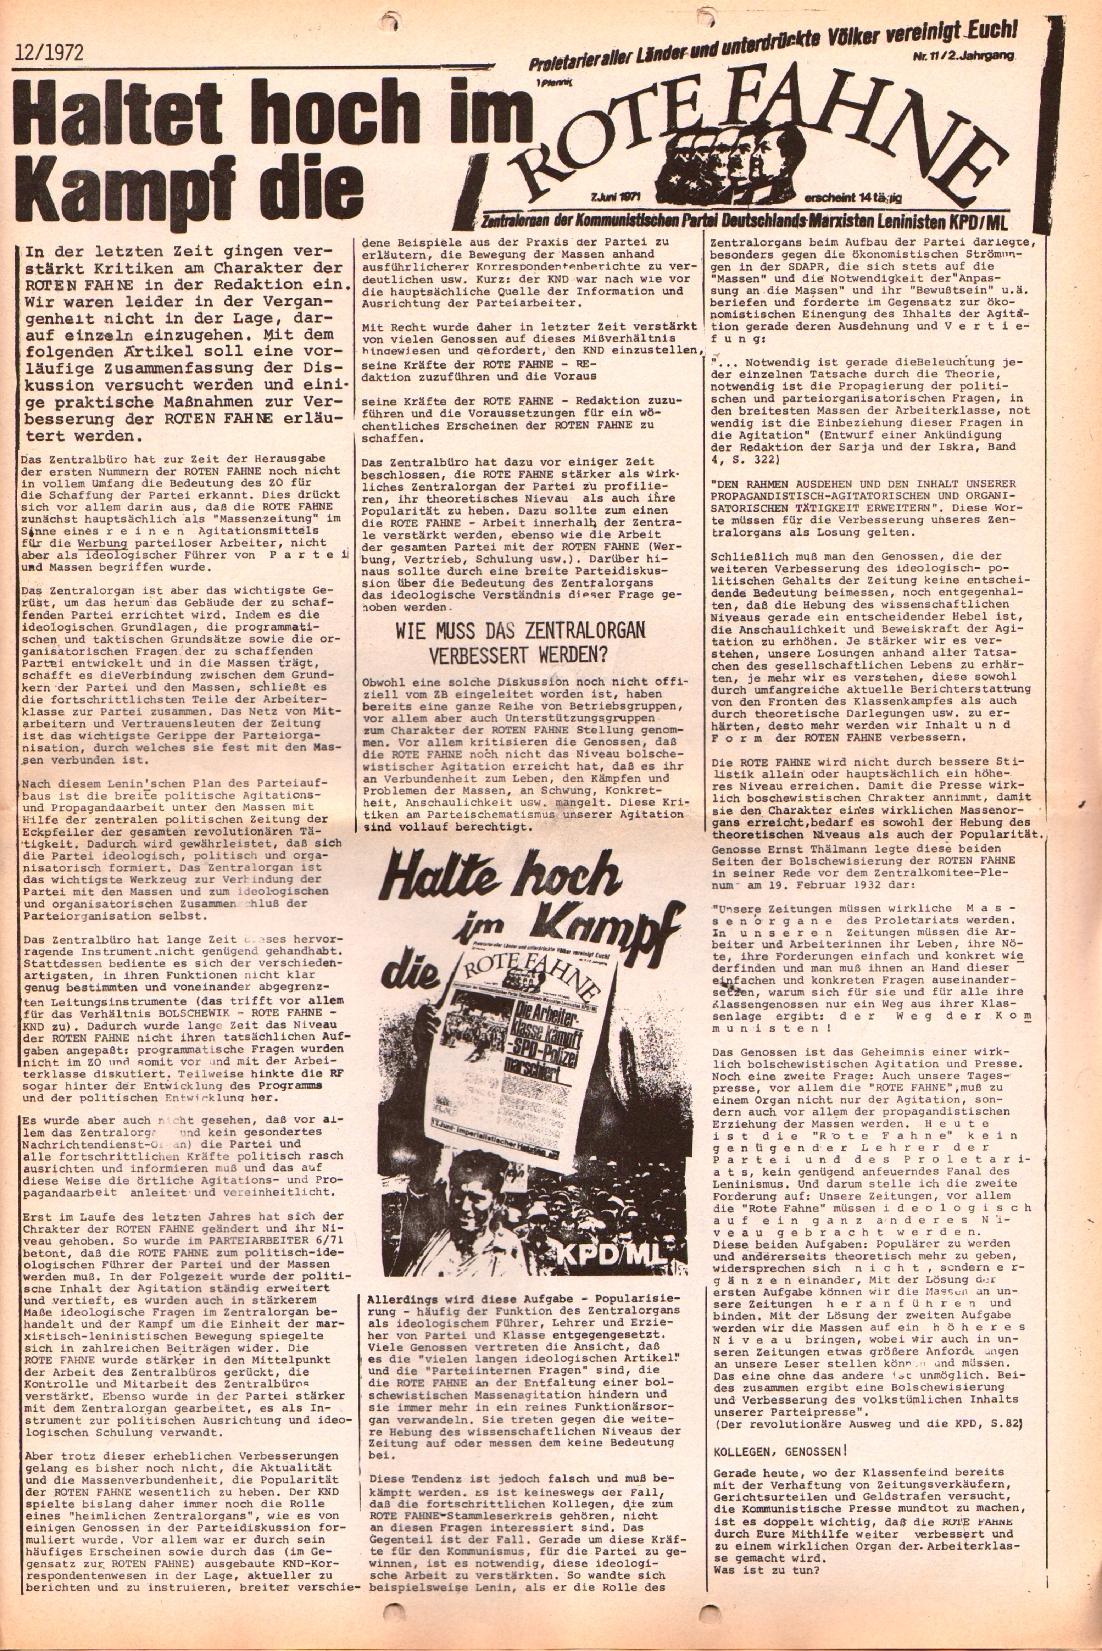 Rote Fahne, 3. Jg., 12.6.1972, Nr. 12, Seite 3